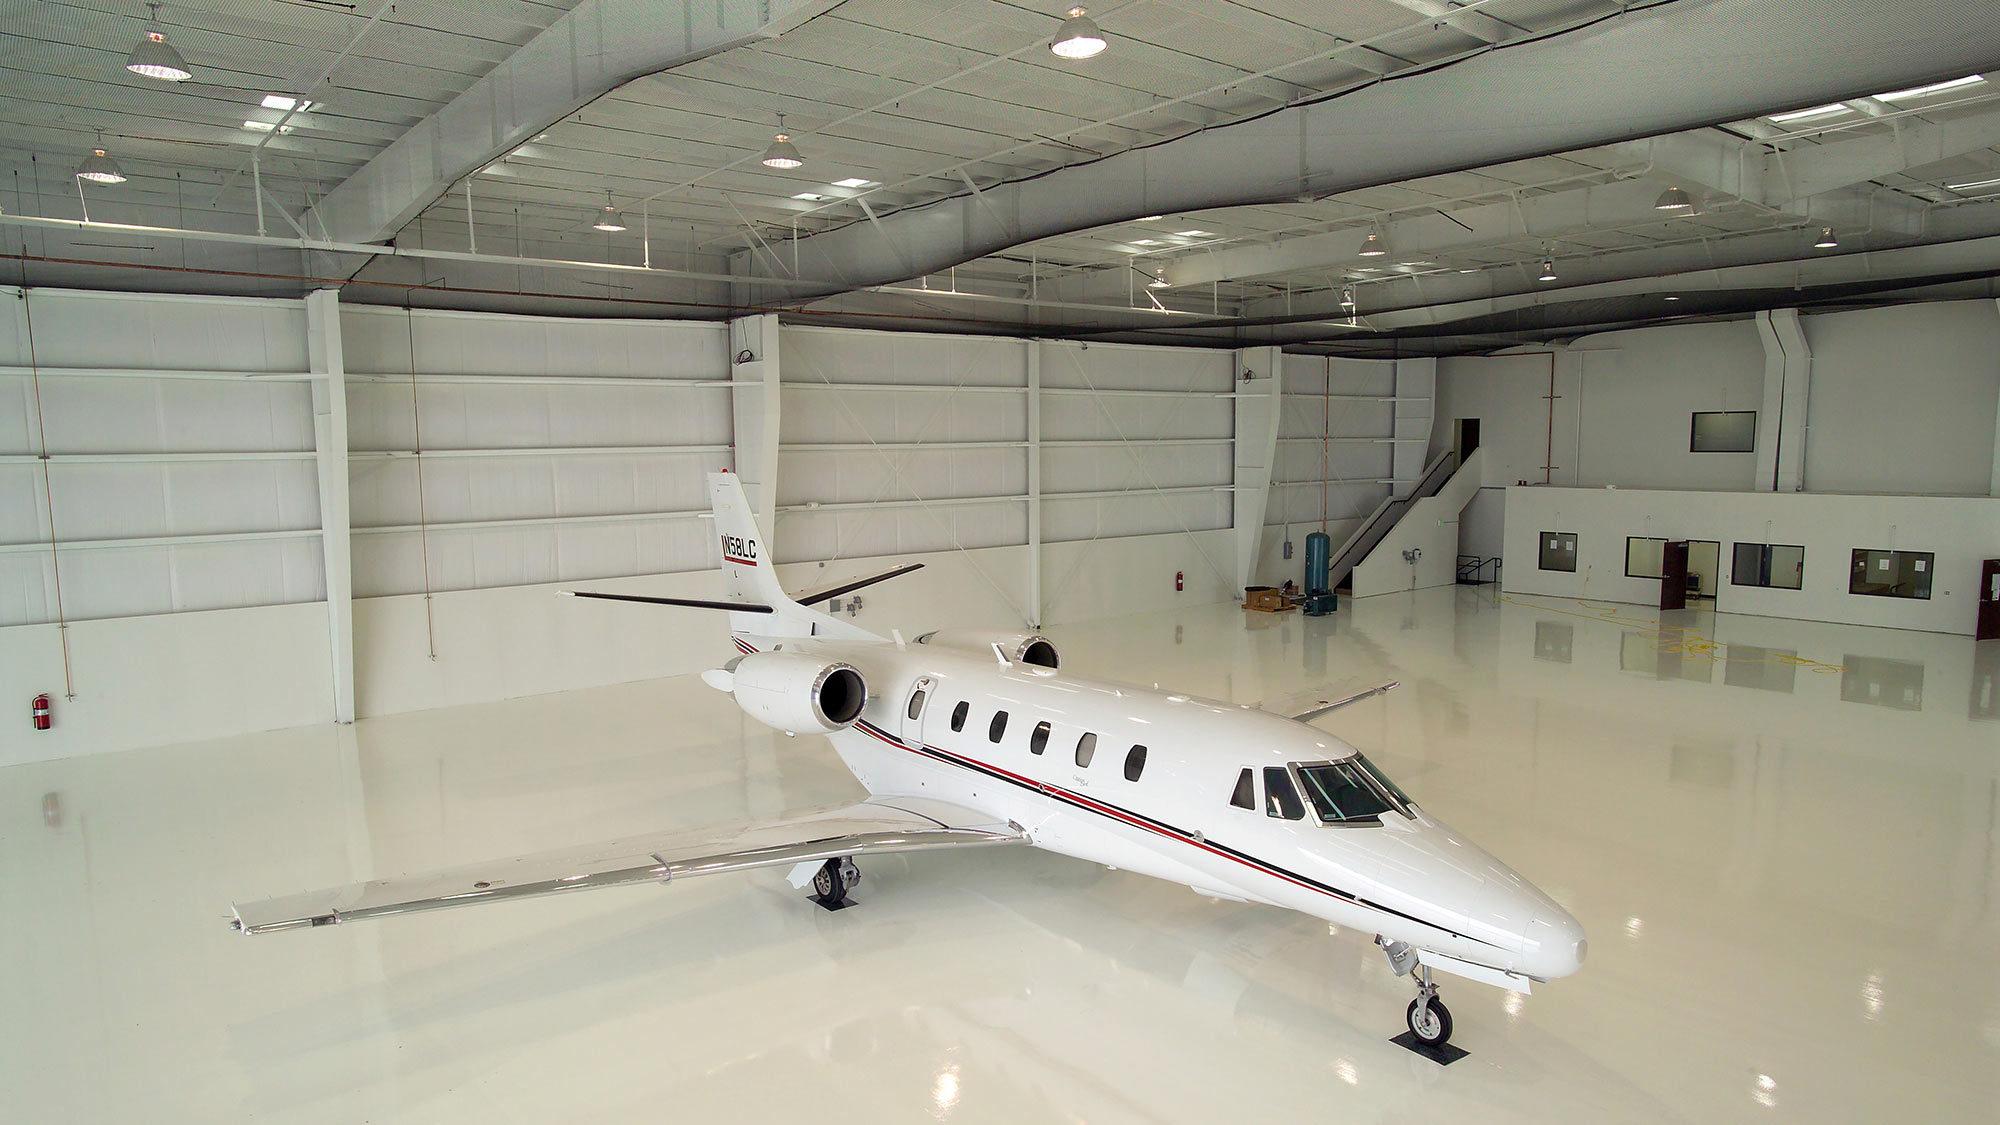 Jet Source Hangar, Carlsbad, California